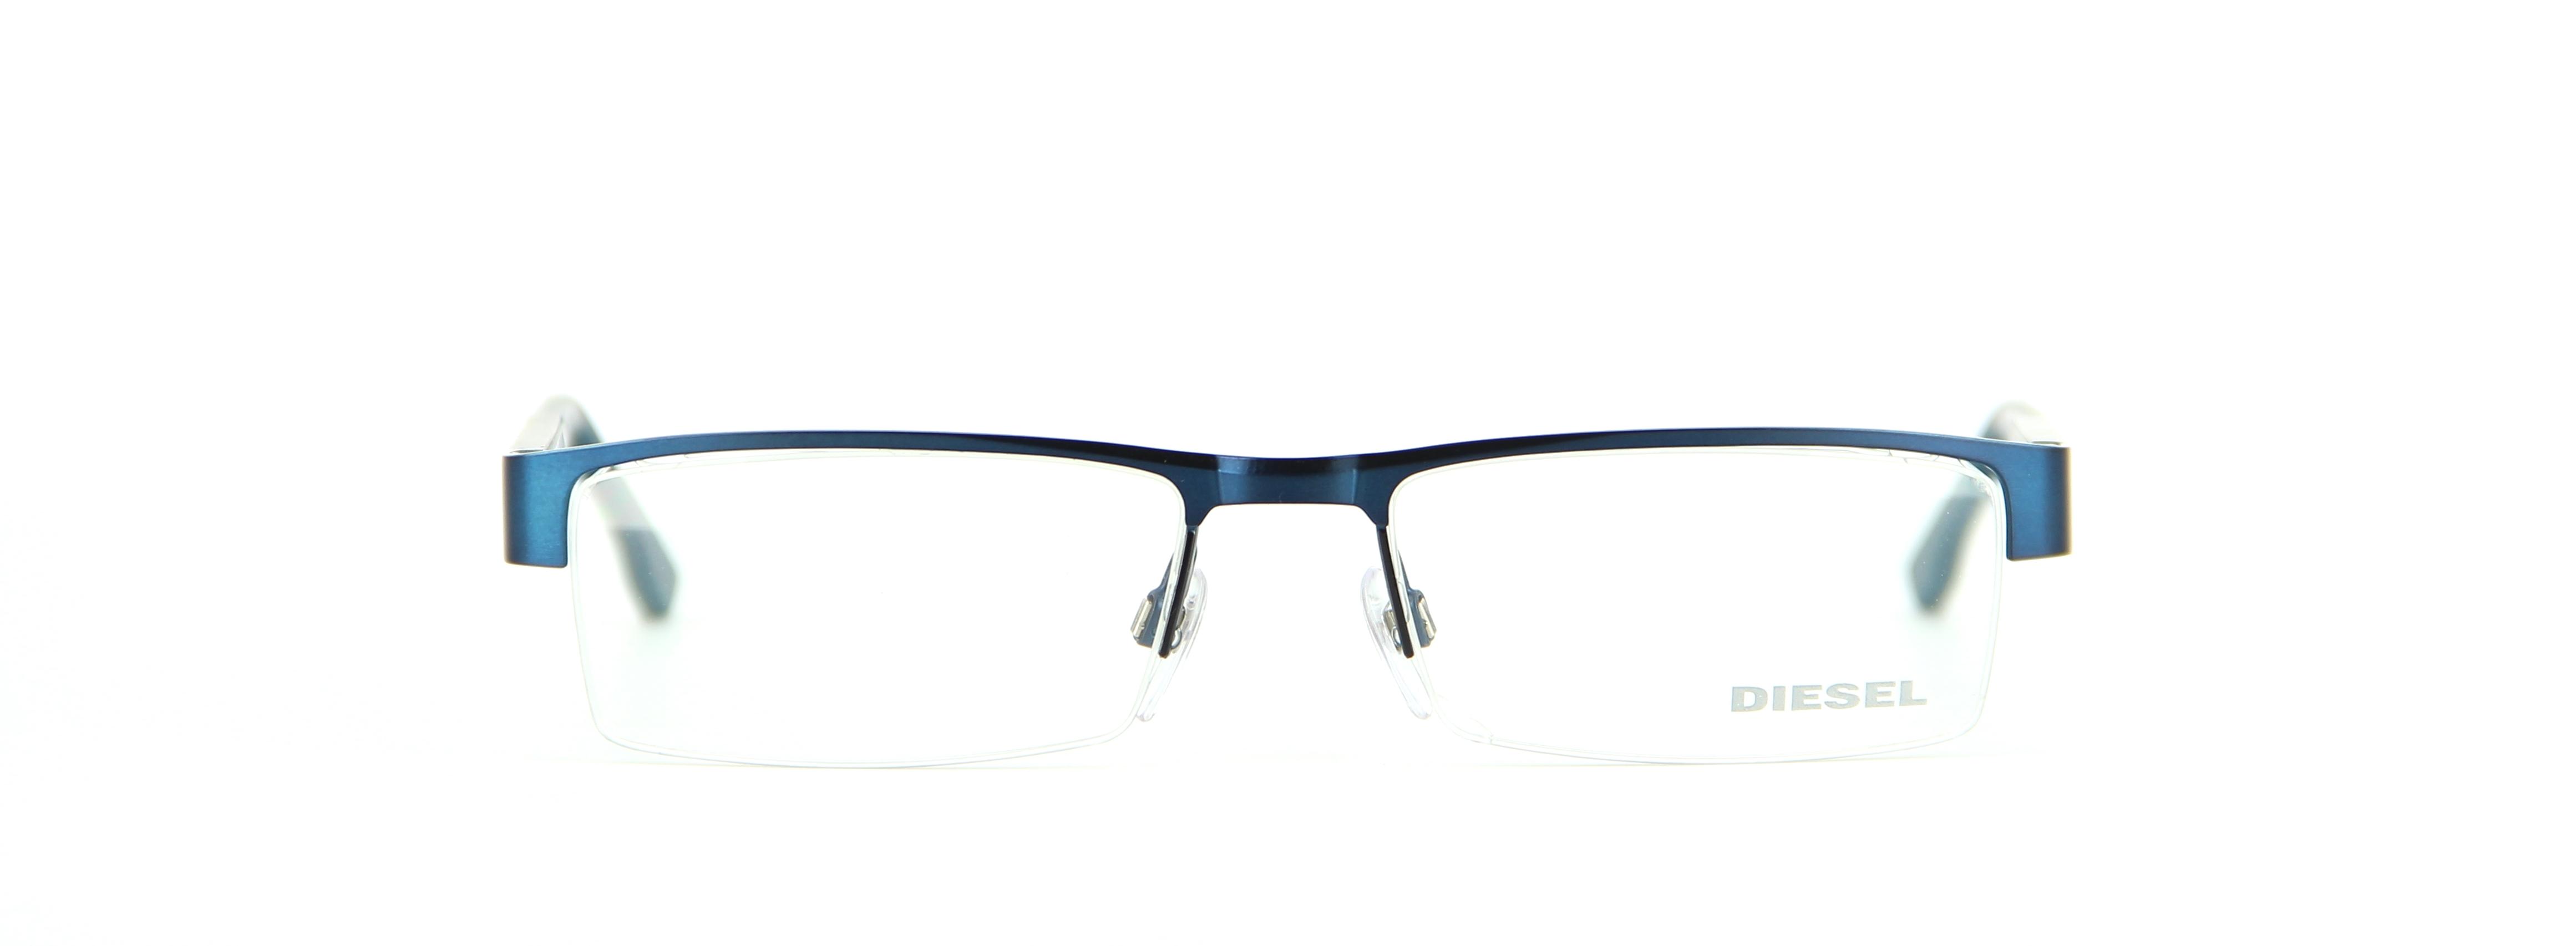 lunettes de vue diesel dl 5021 089 53 18 homme bleu rectangle nylor tendance 53mmx18mm 117. Black Bedroom Furniture Sets. Home Design Ideas